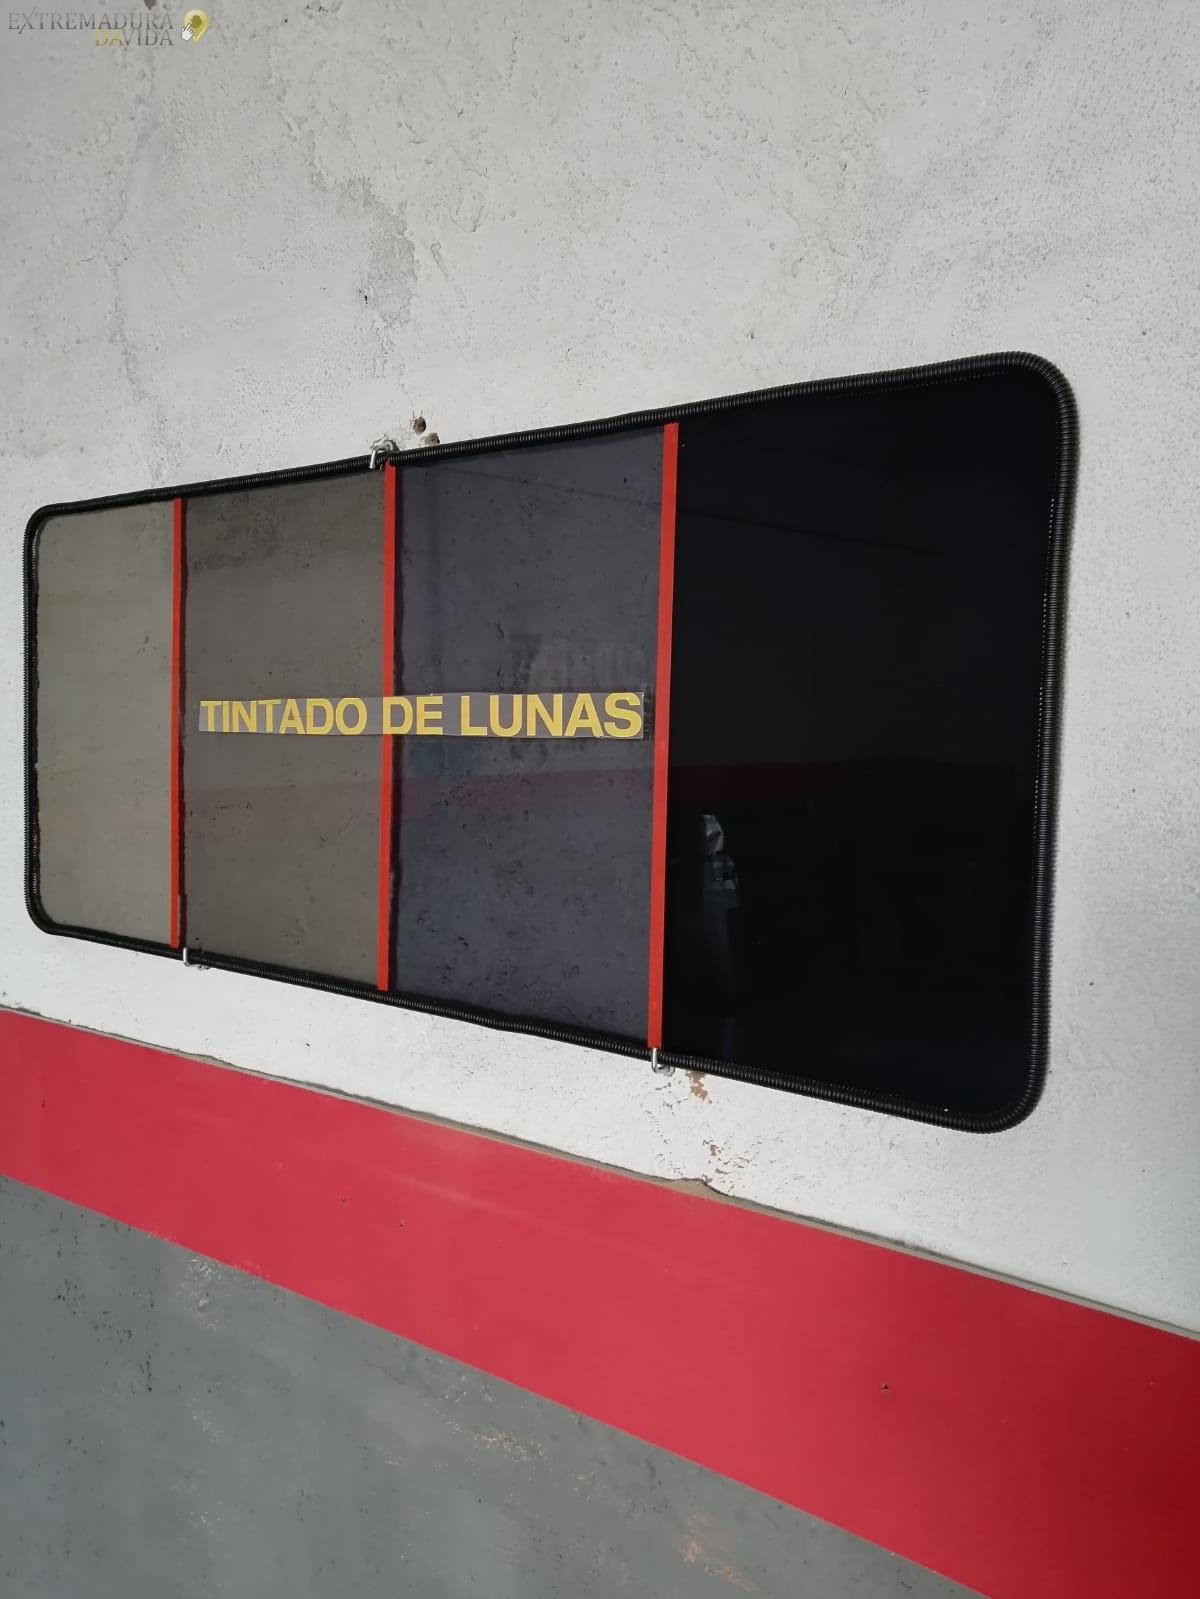 Tintado de lunas Cristaleria del Automovil en Alange Autoglass Merida